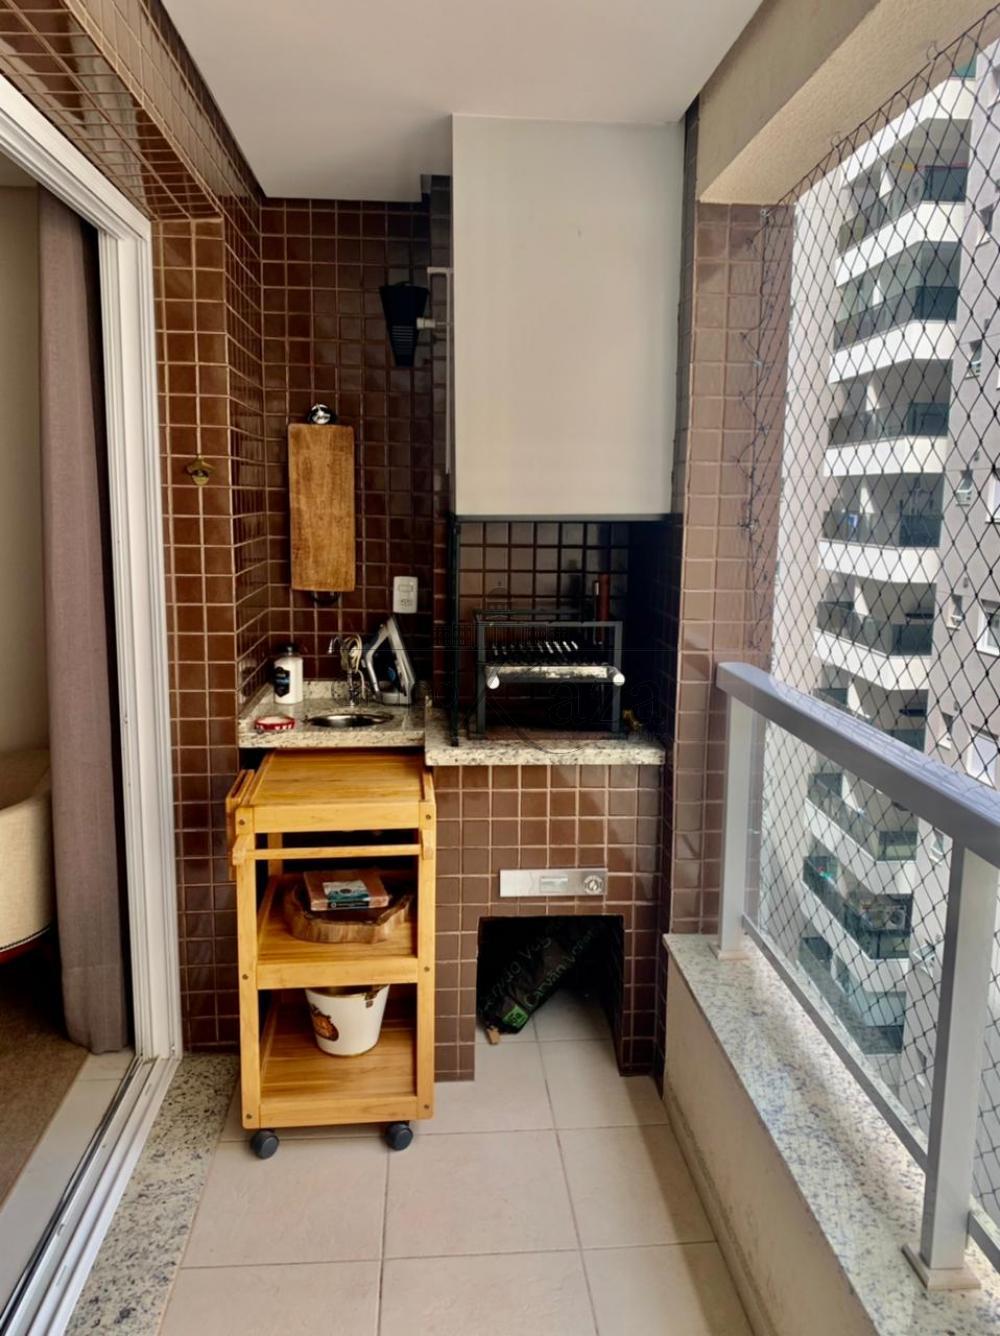 alt='Comprar Apartamento / Padrão em São José dos Campos R$ 855.000,00 - Foto 8' title='Comprar Apartamento / Padrão em São José dos Campos R$ 855.000,00 - Foto 8'